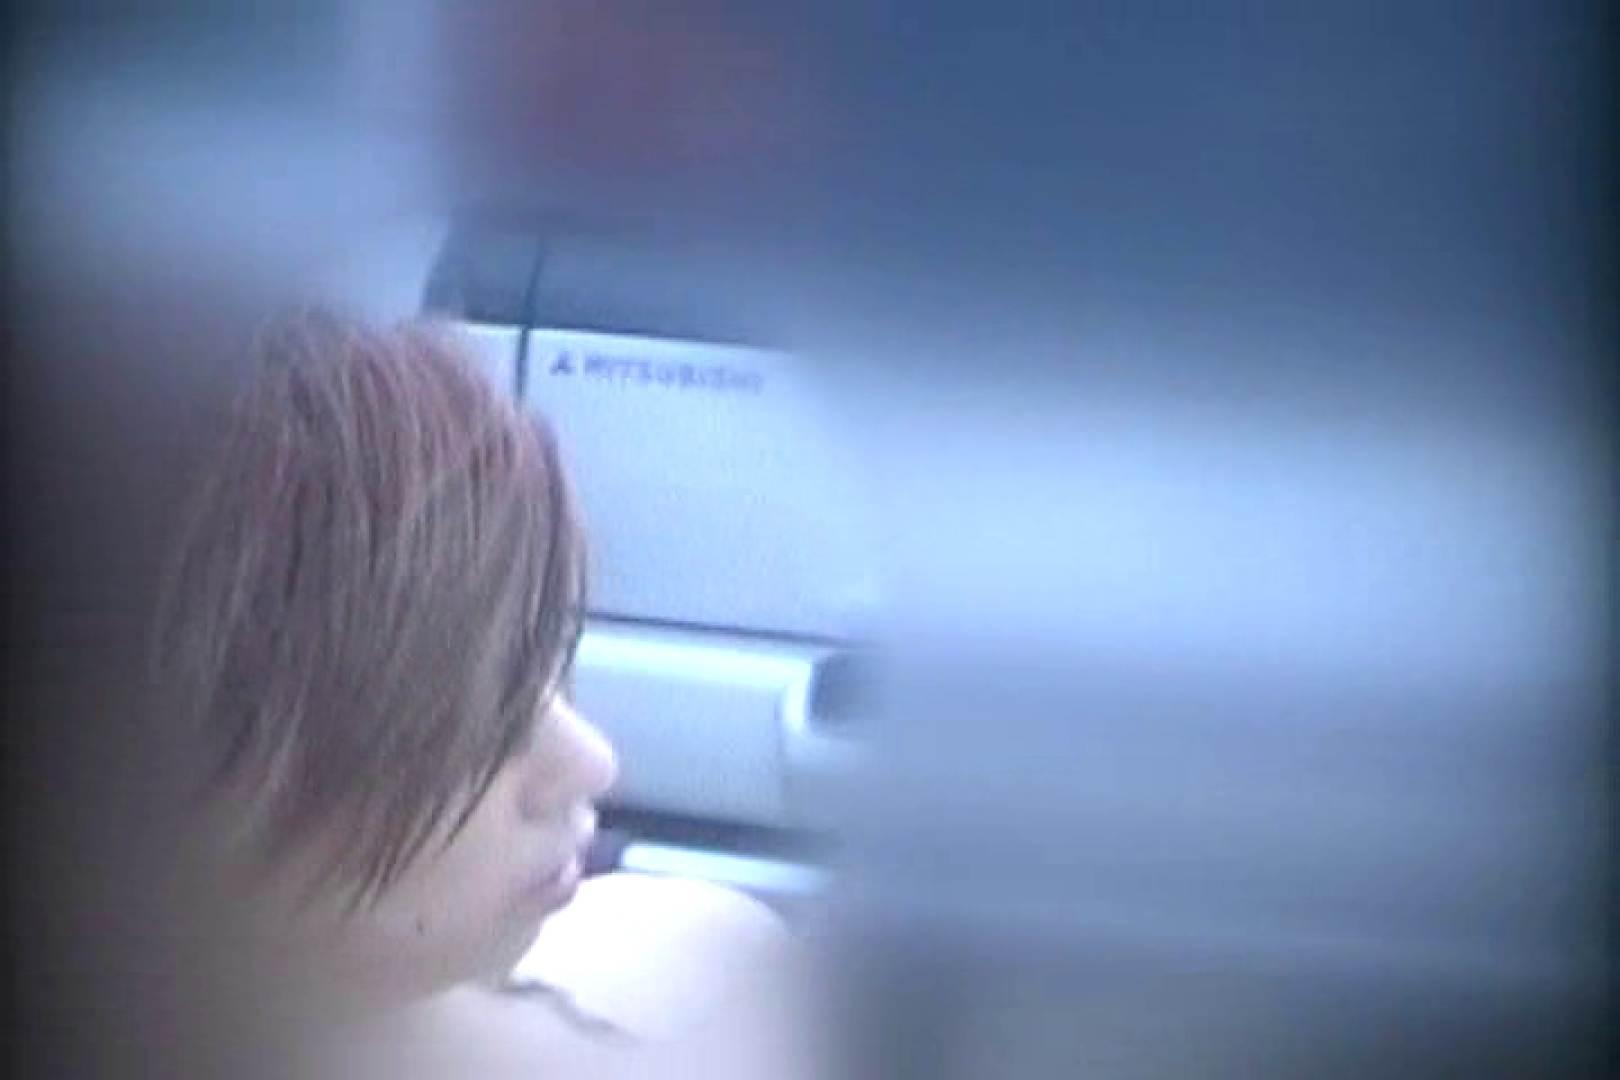 サターンさんのウル技炸裂!!夏乙女★海の家シャワー室絵巻 Vol.02 乙女ハメ撮り  22Pix 15